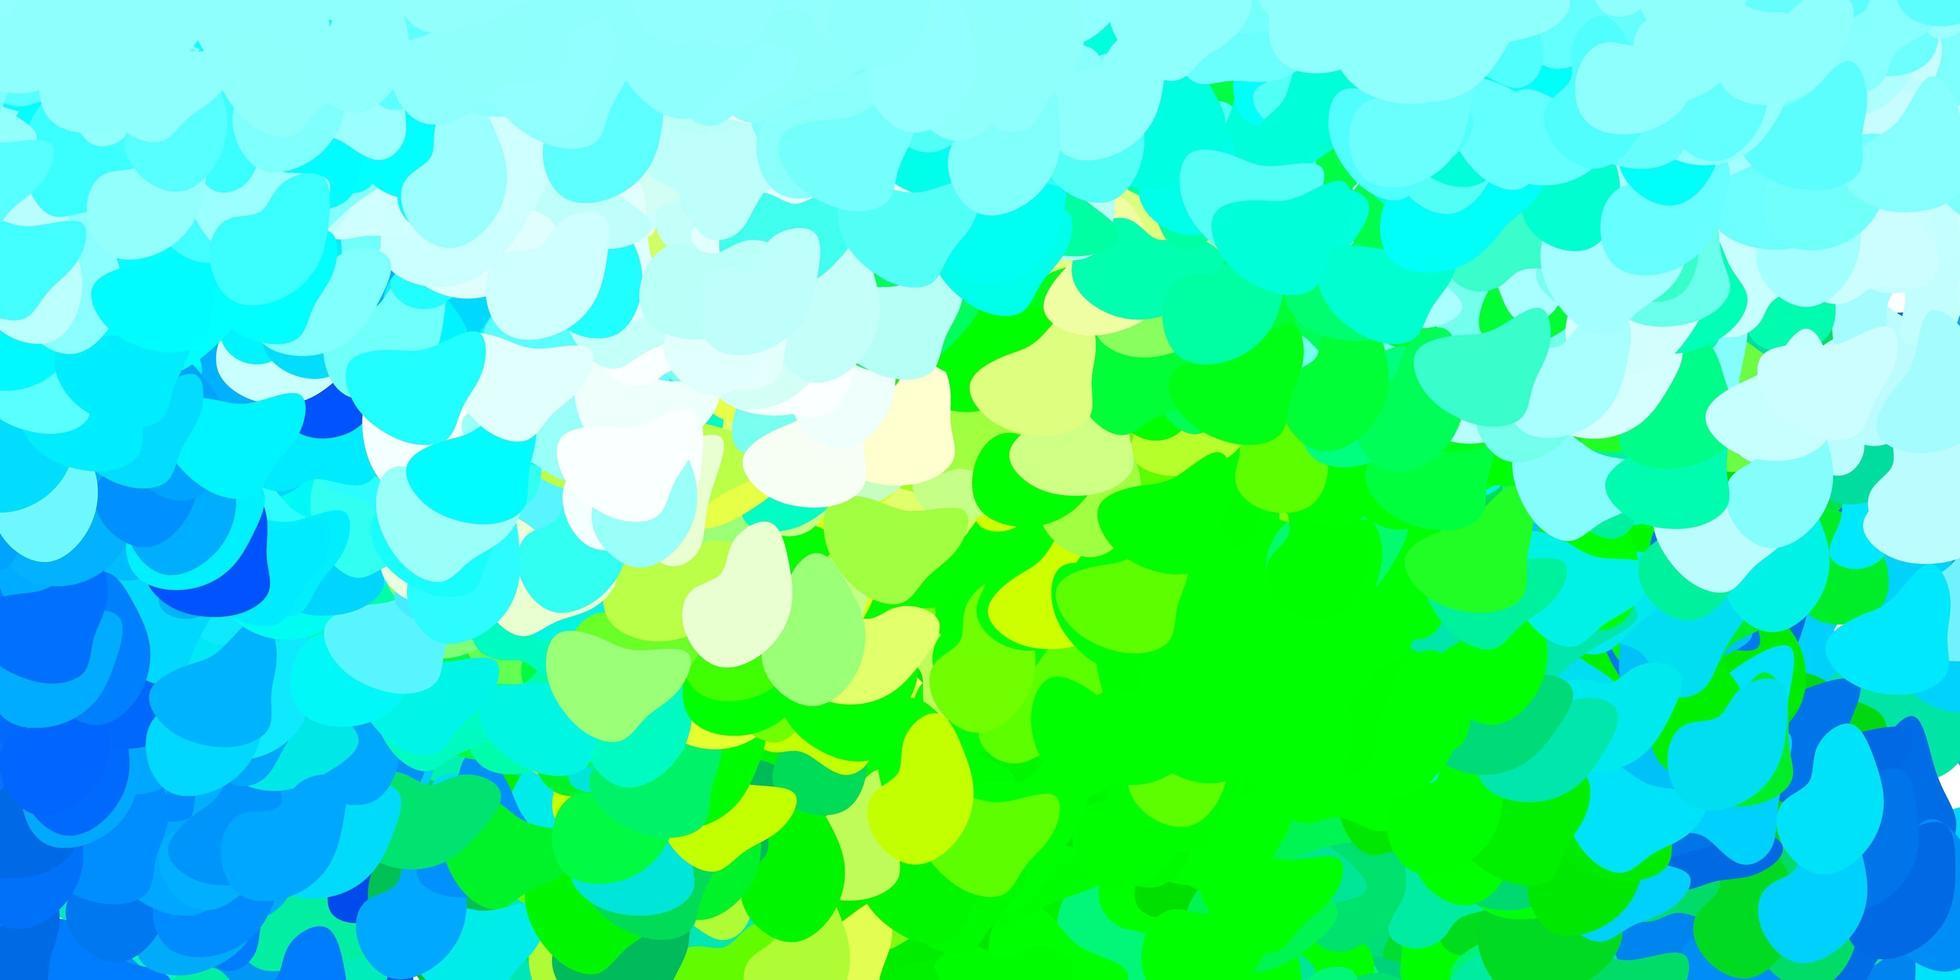 plantilla azul claro, verde con formas abstractas. vector